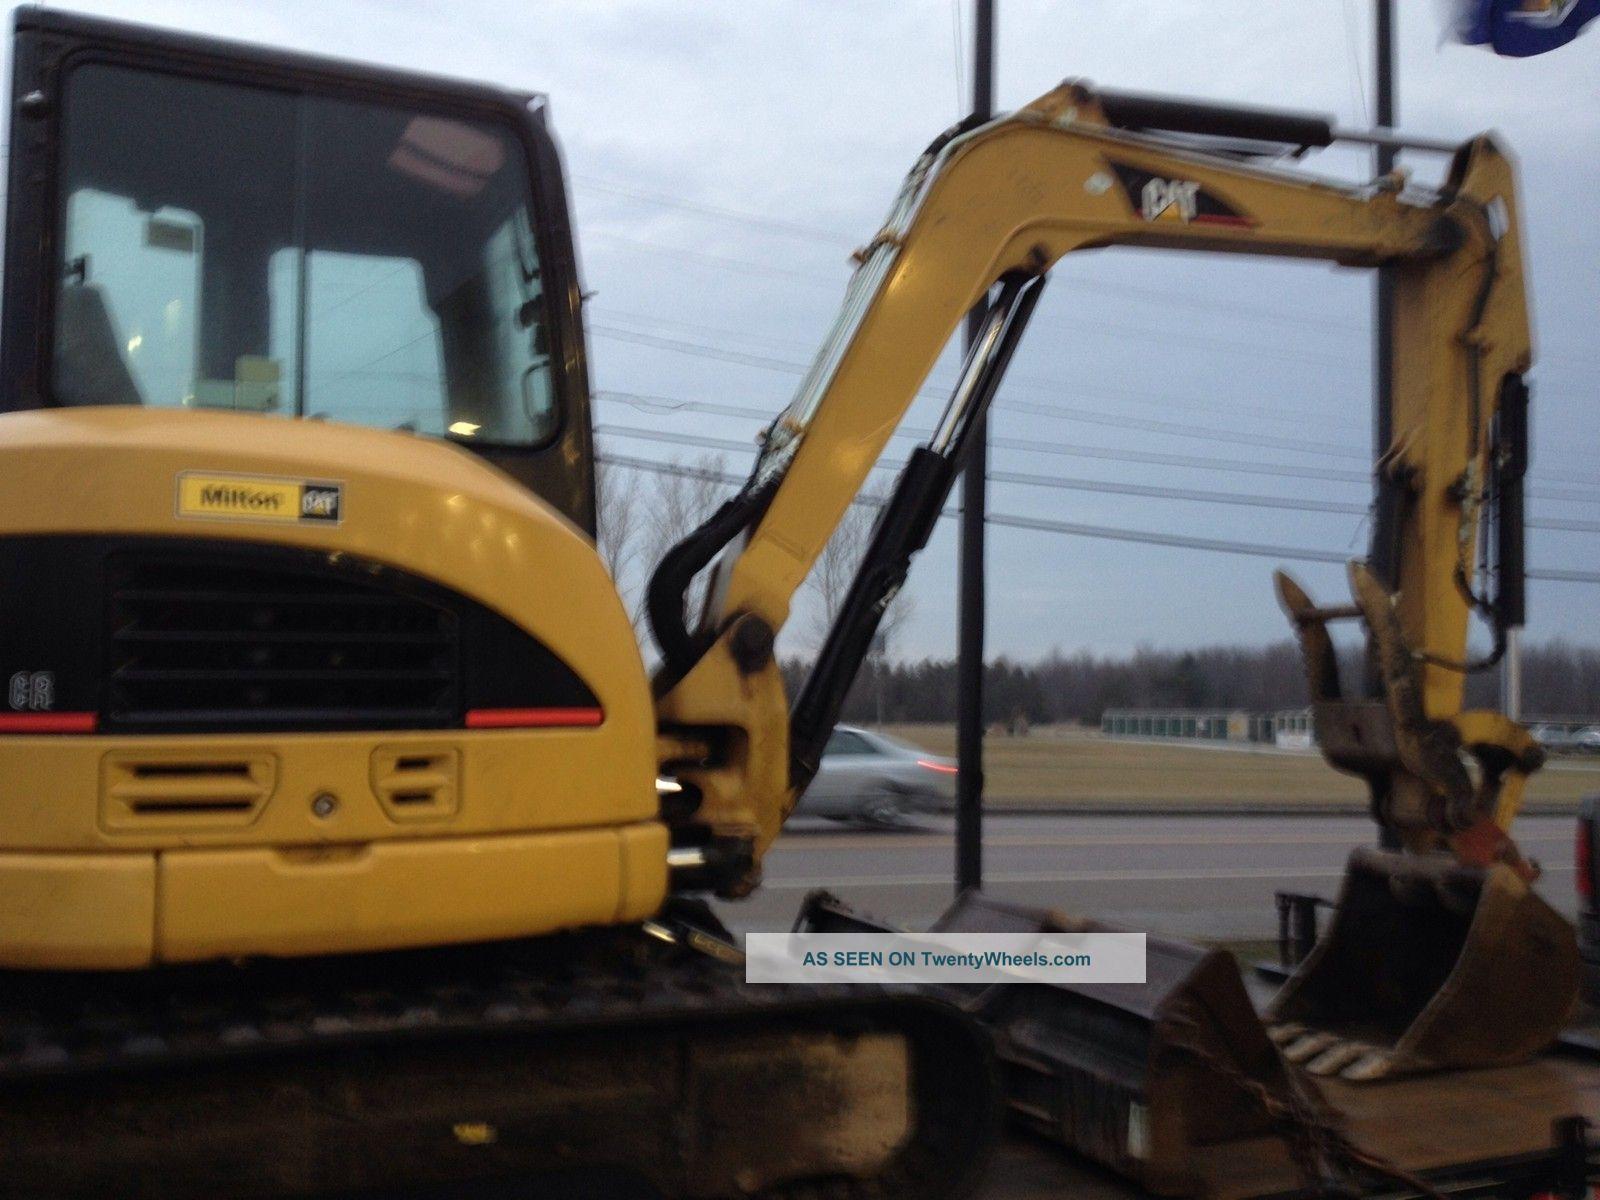 2007 Caterpillar 305c Cr Excavator Cab Heat Heat A/c Quick